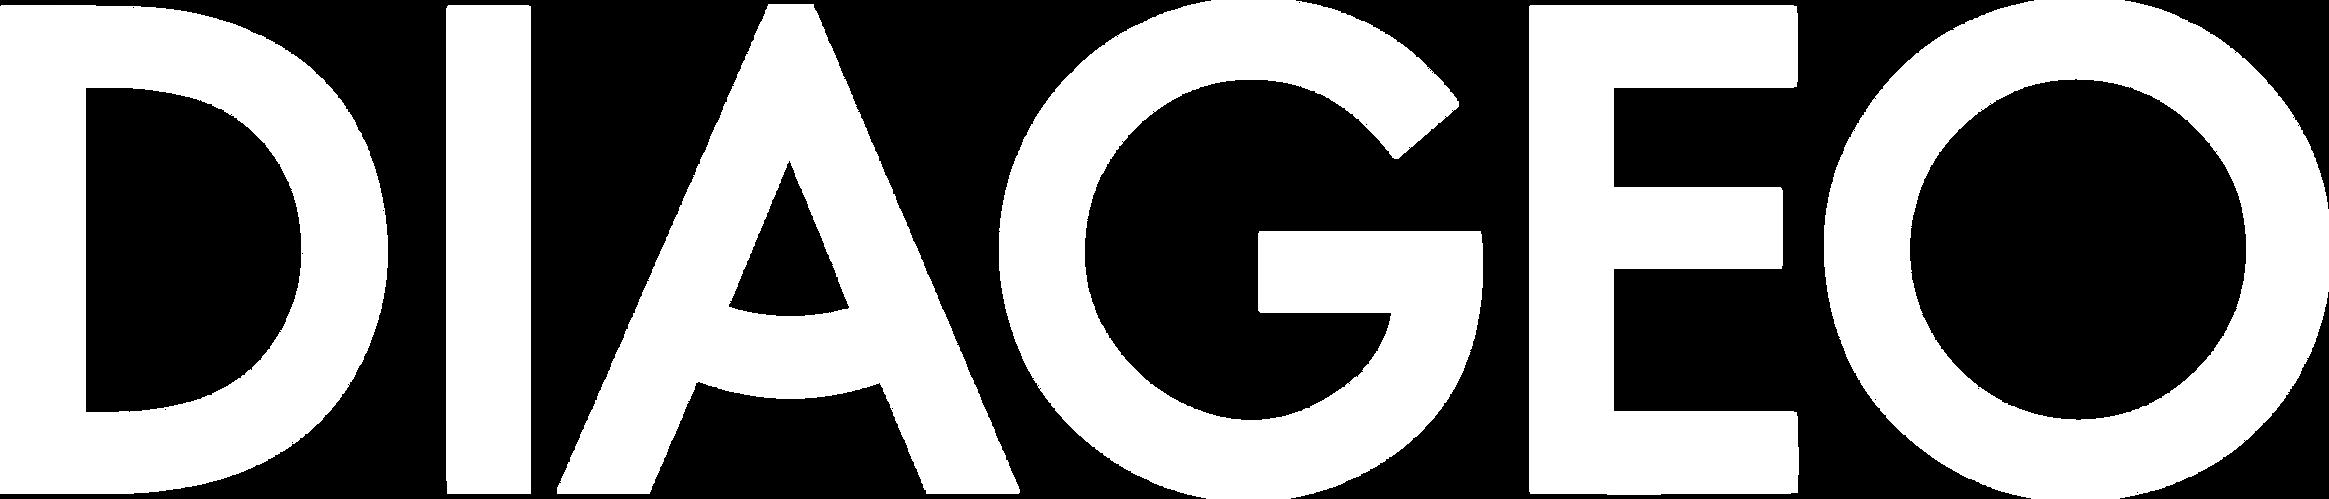 Diageo-emblem.png